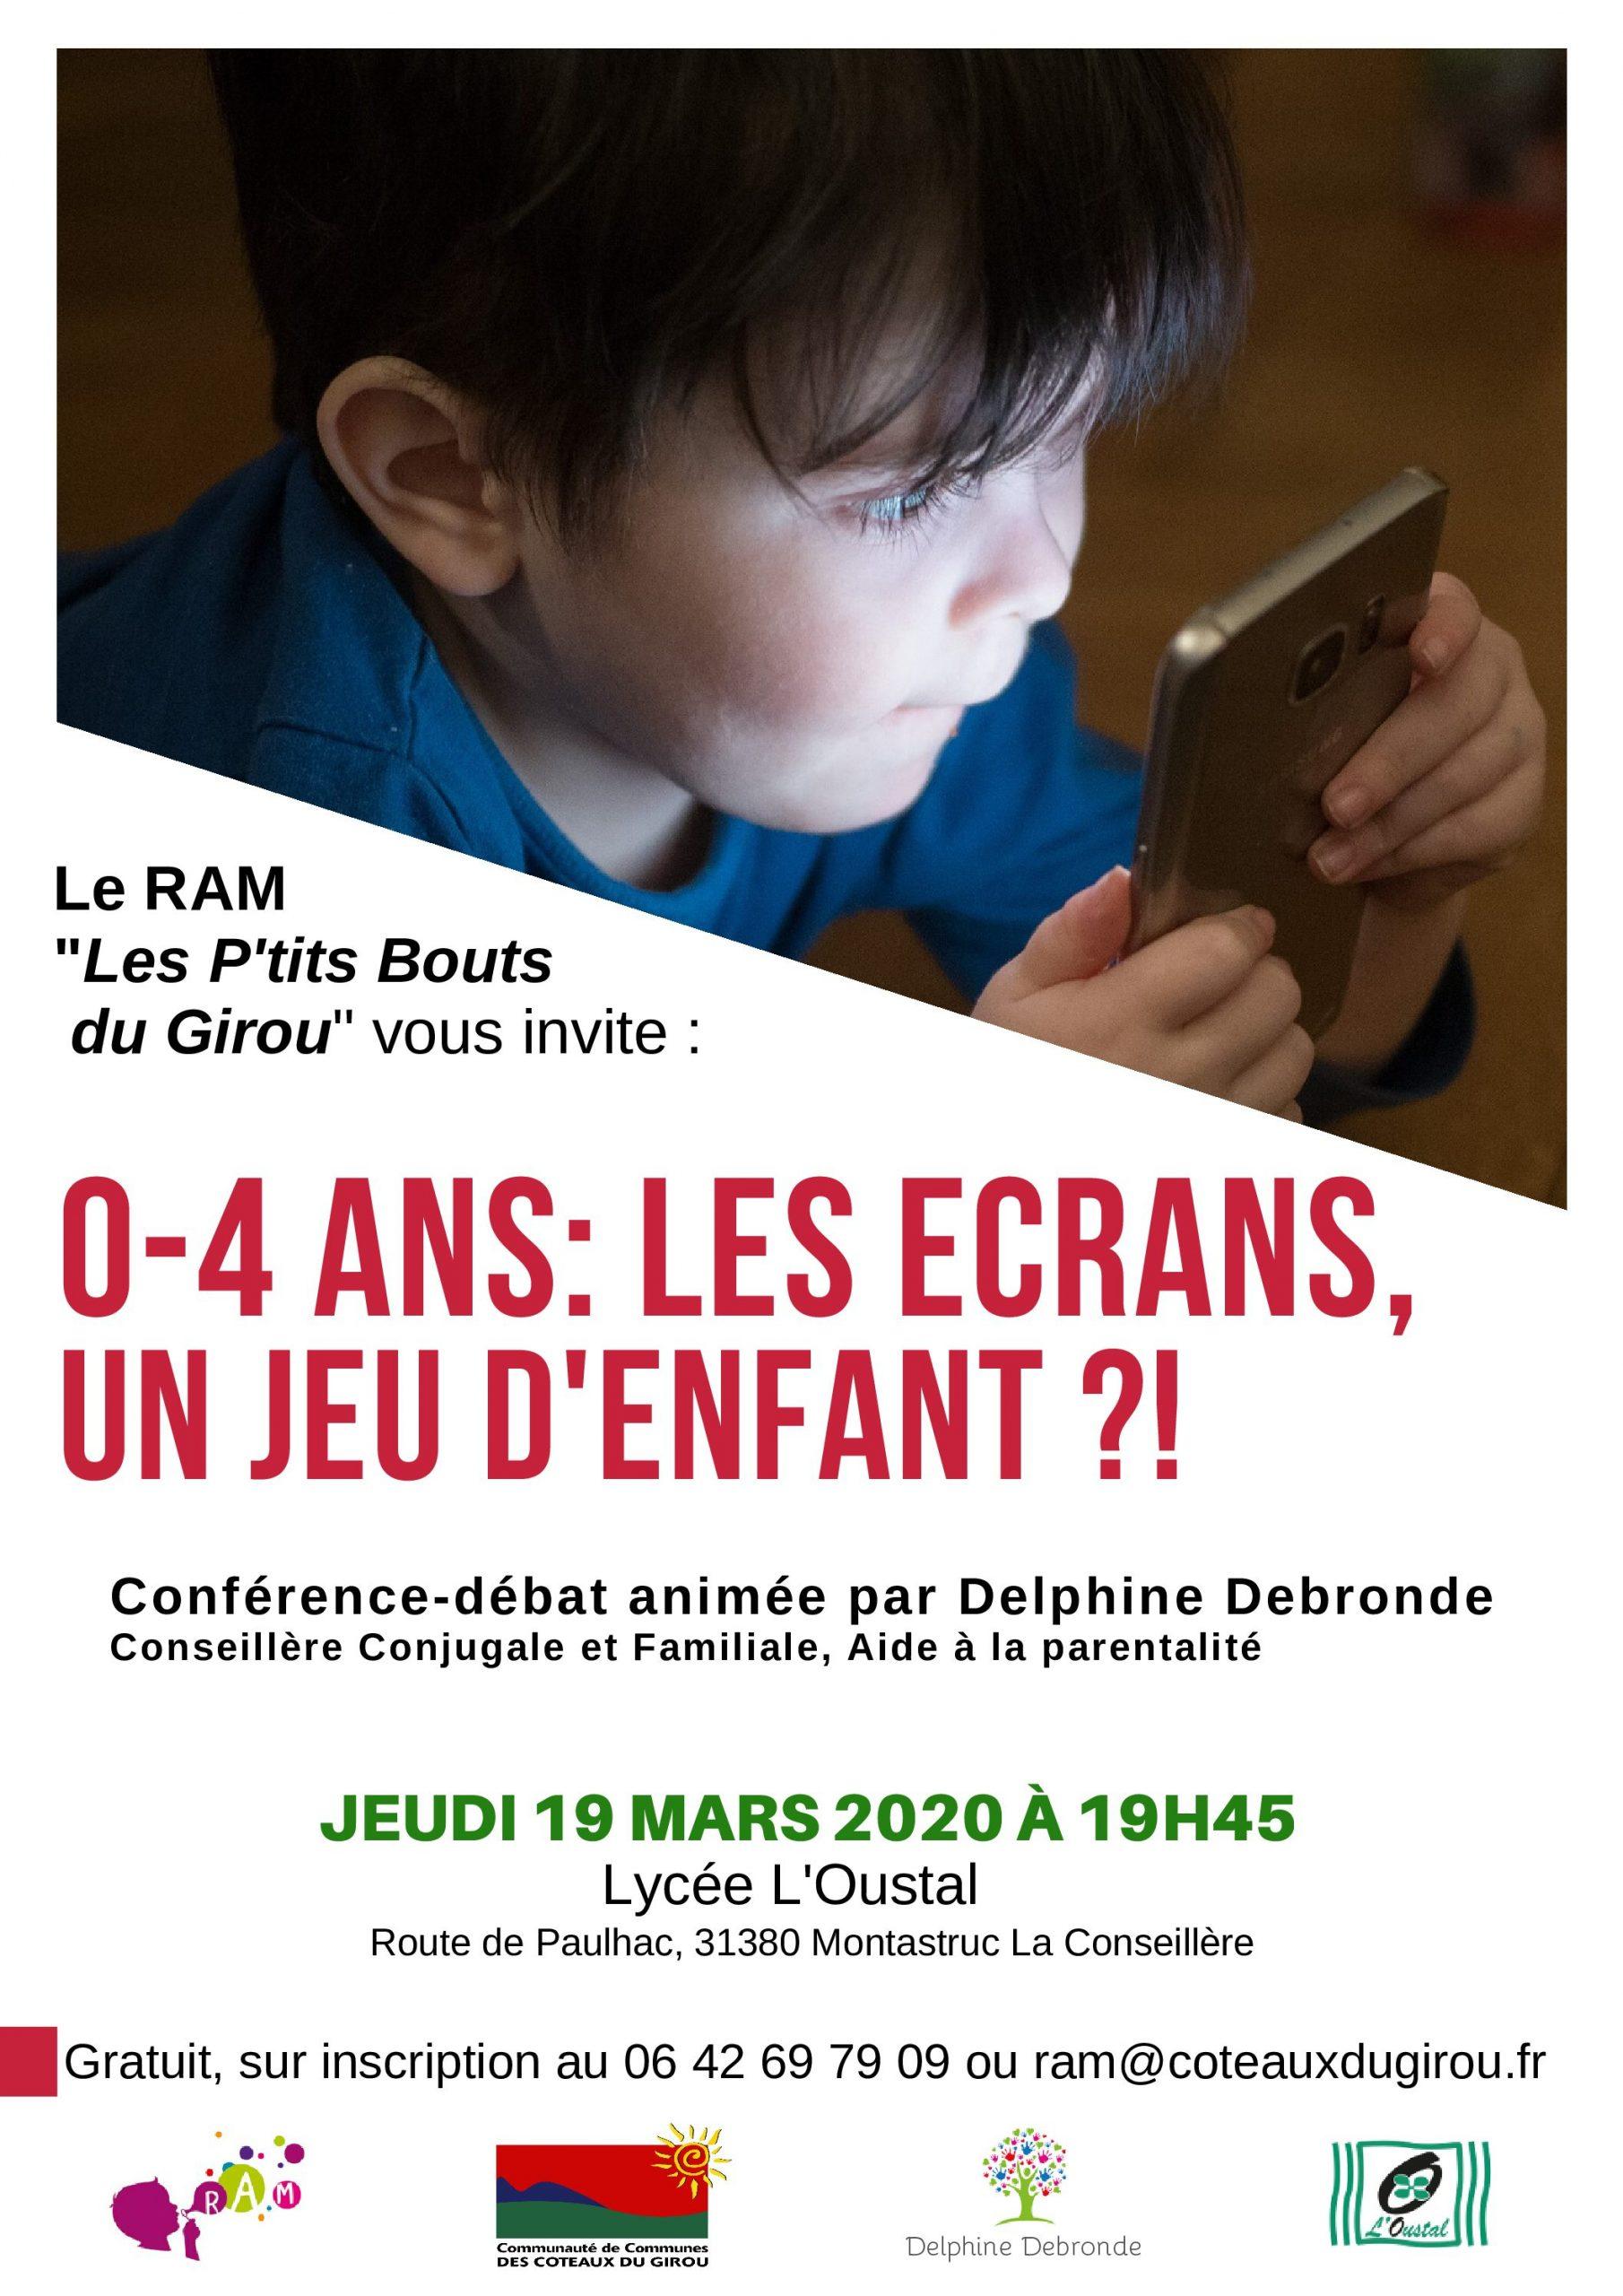 0-4 Ans : Les Écrans, Un Jeu D'enfant ?! Organisé Par Le Ram dedans Jeux Enfant 4 Ans Gratuit